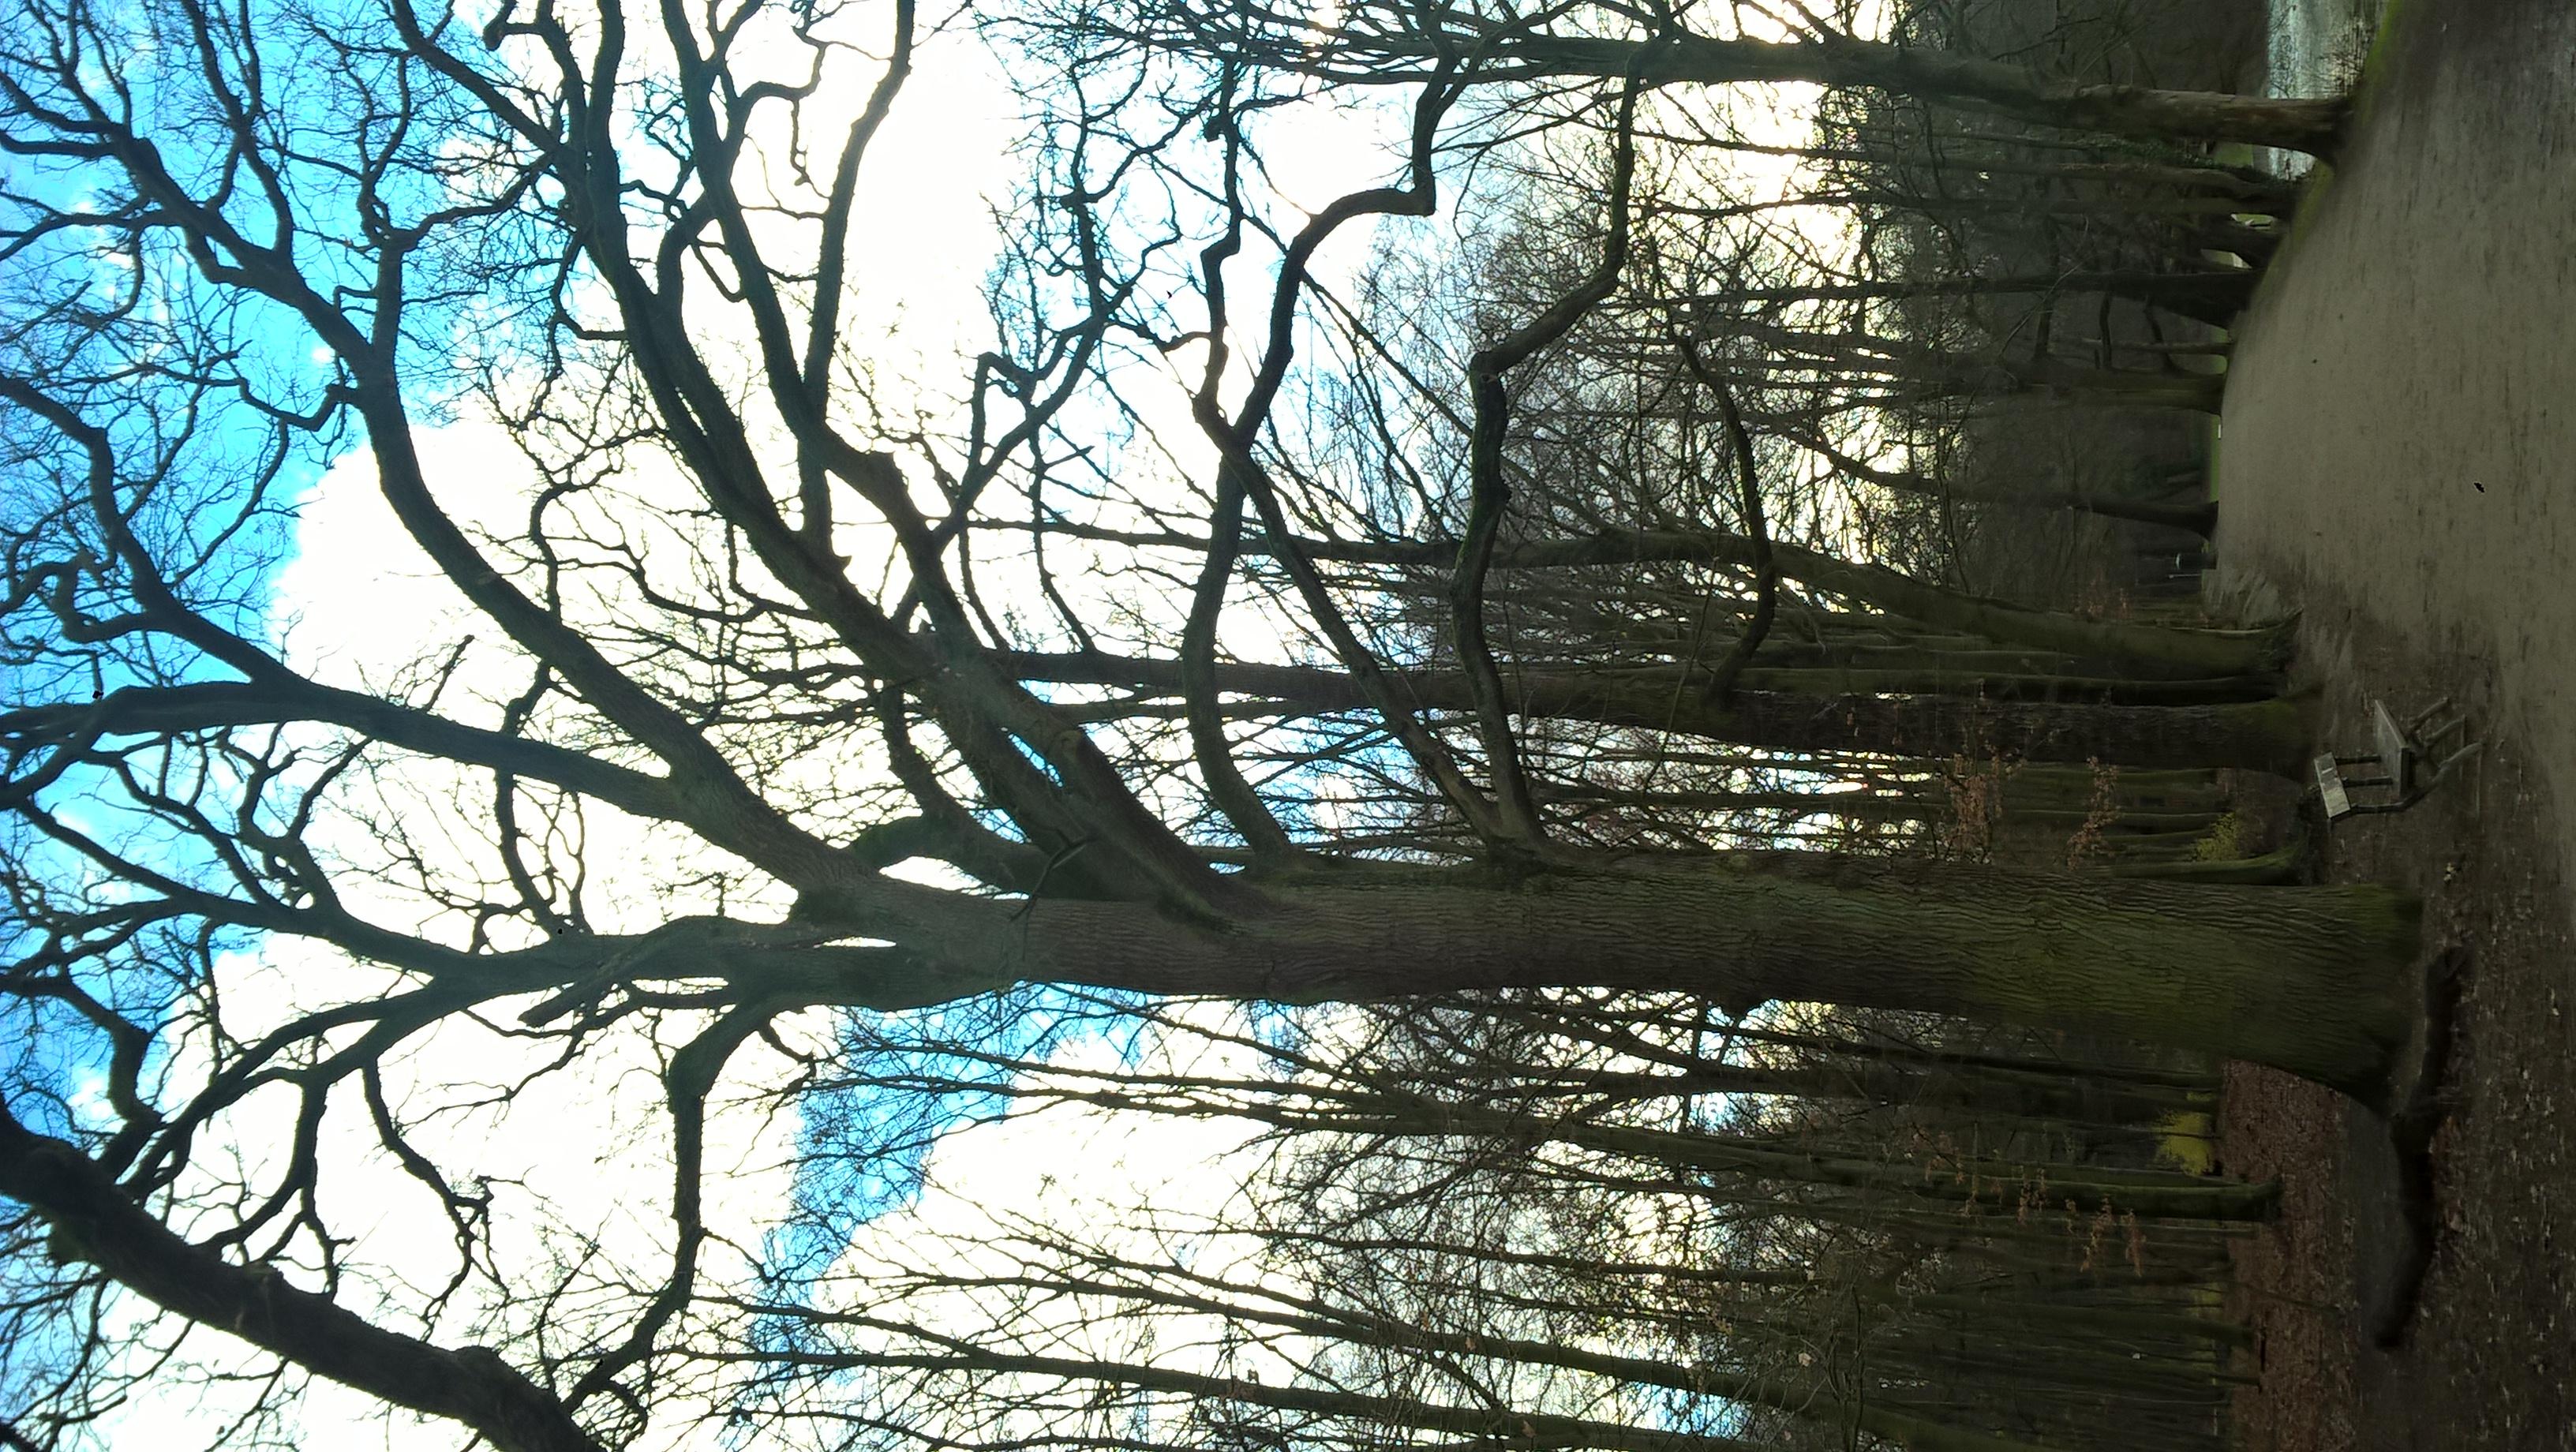 Chêne pédonculé – Bruxelles, Bois de la Cambre –  17 Décembre 2020